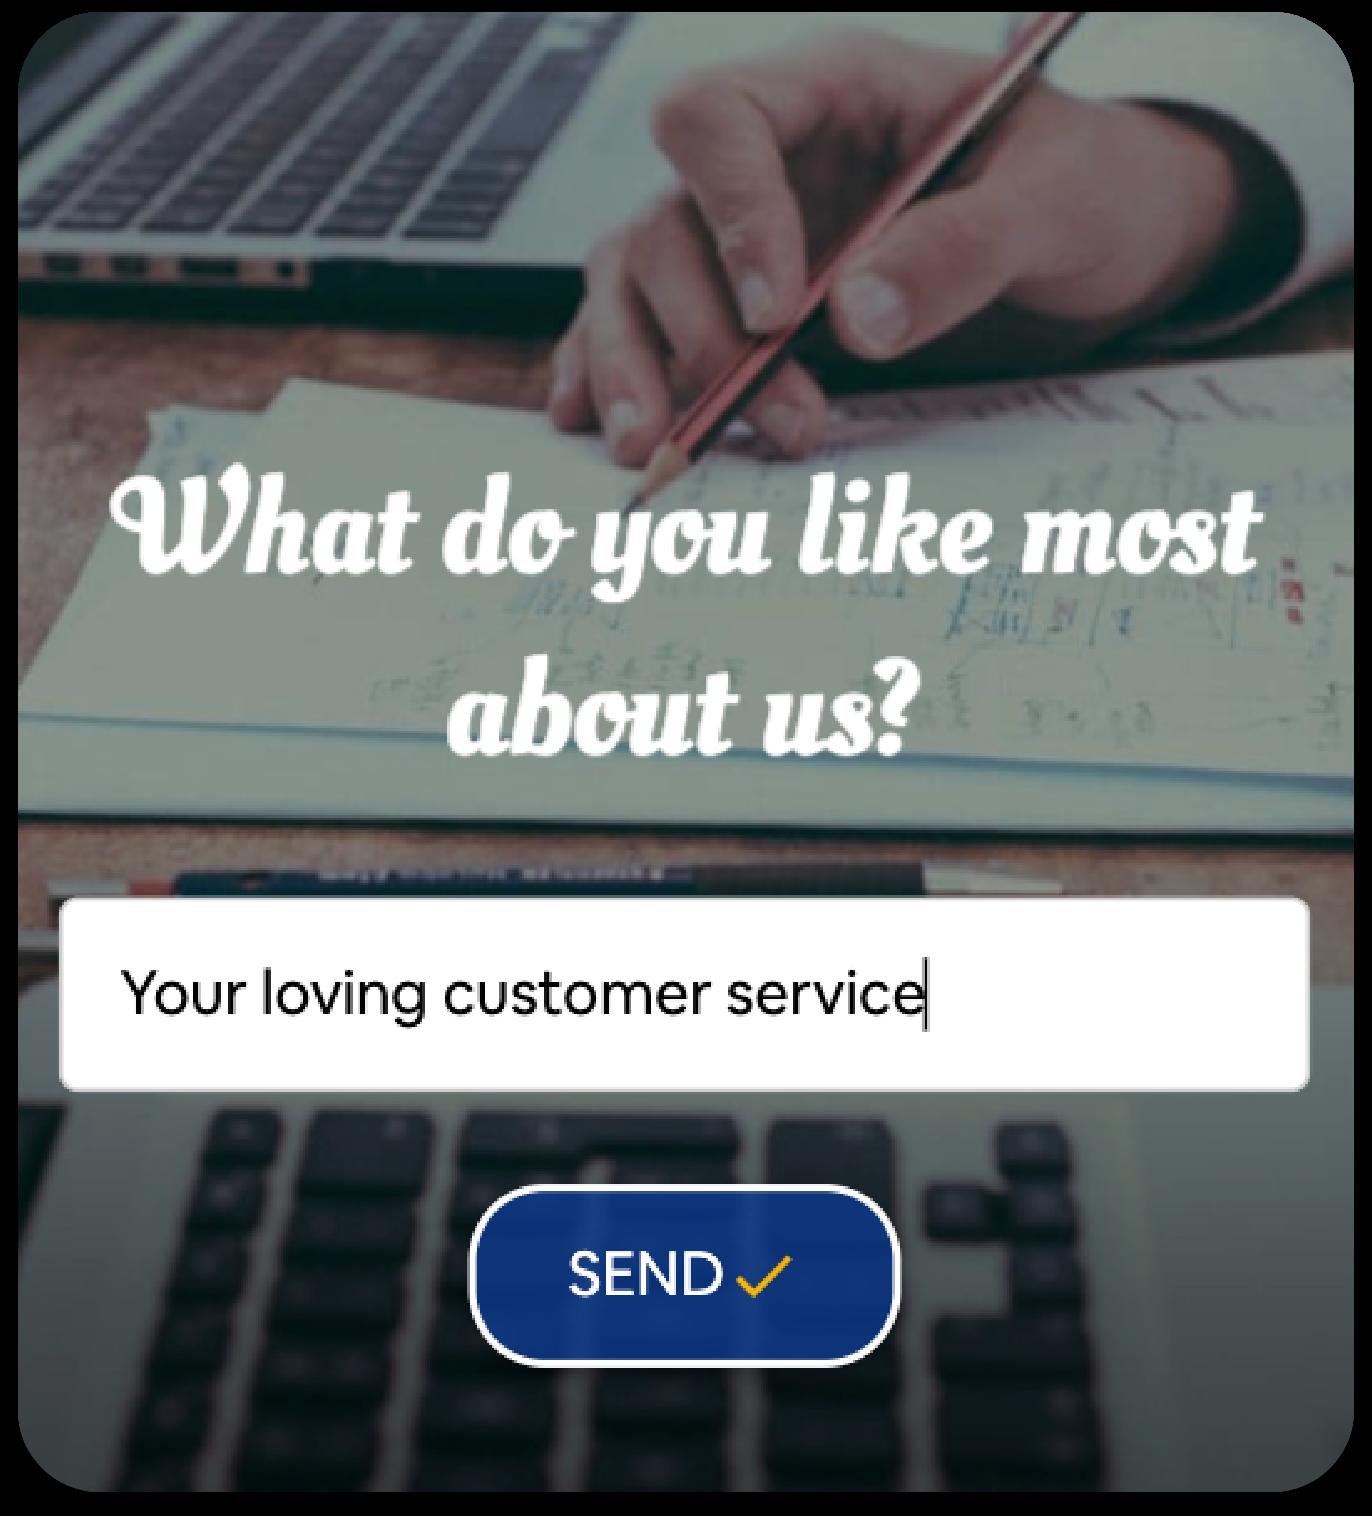 Collectez du feedback